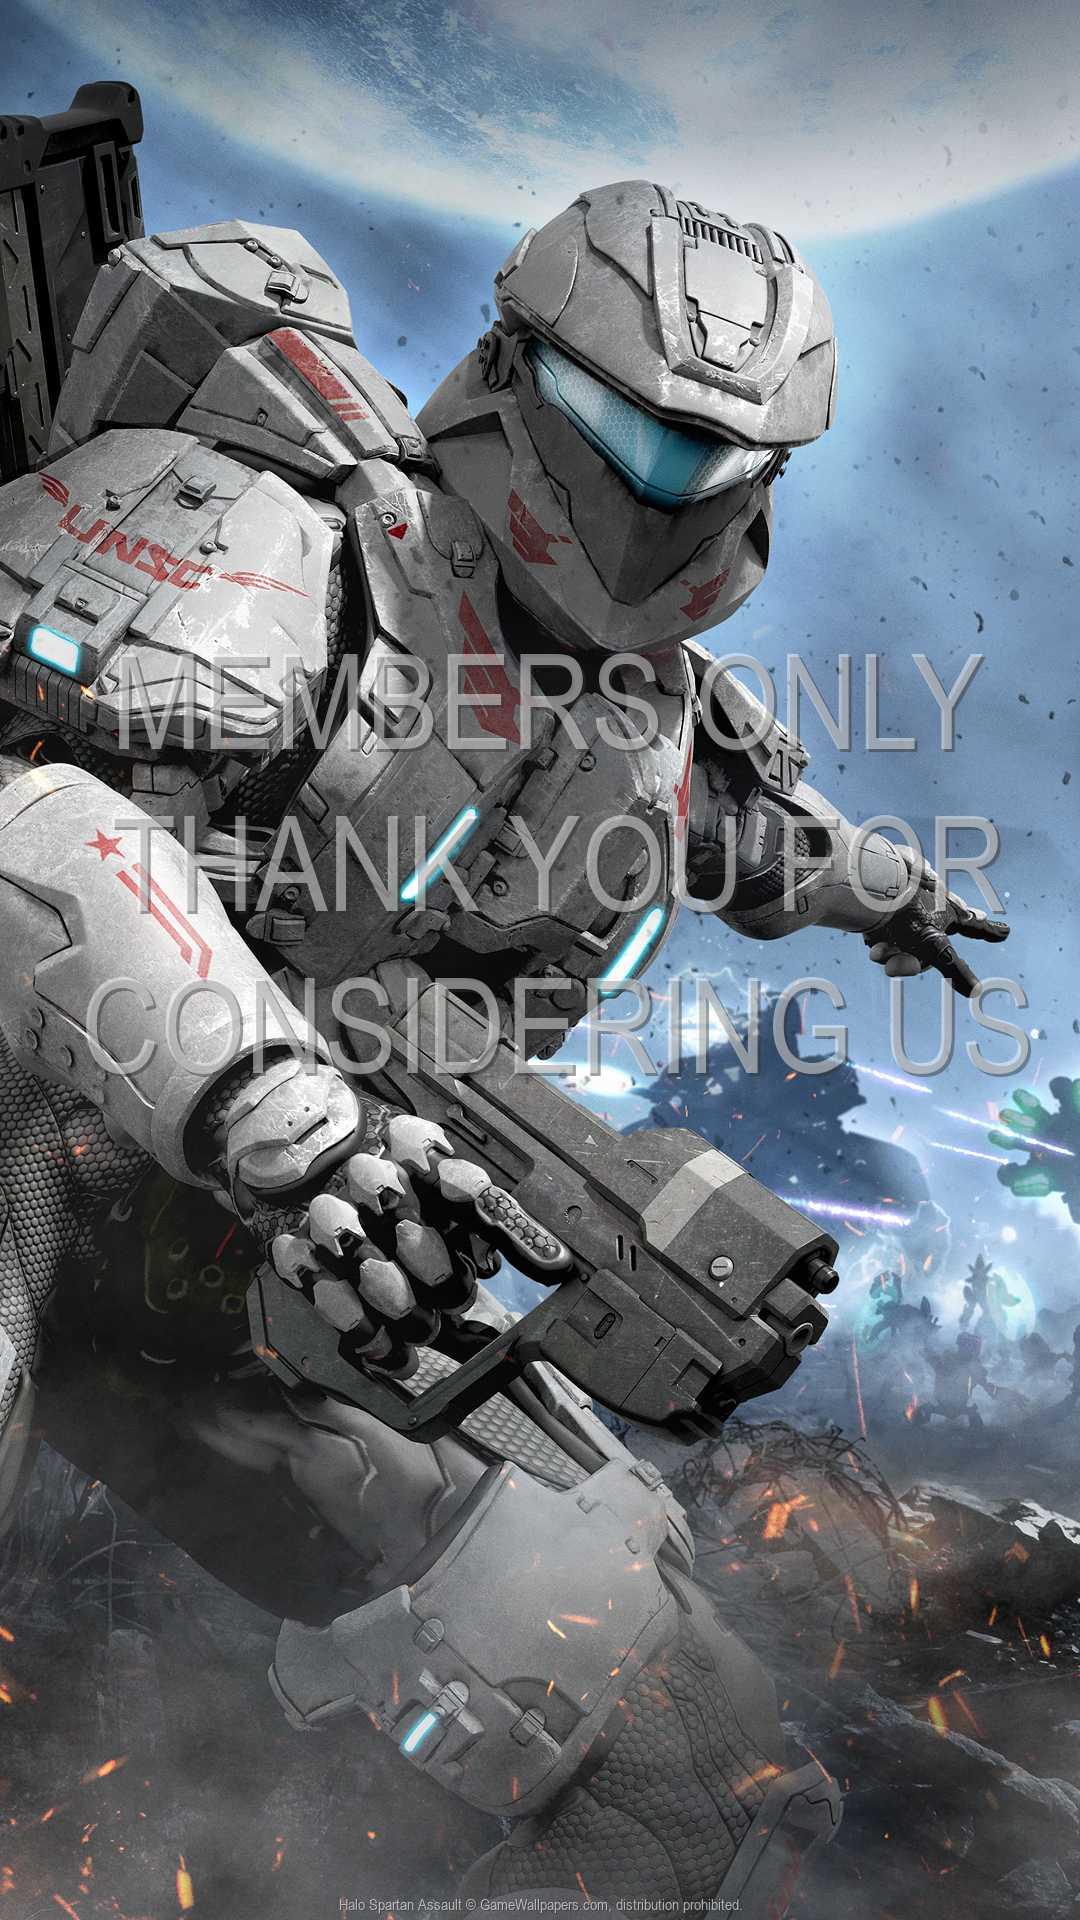 Halo: Spartan Assault 1080p Vertical Handy Hintergrundbild 01